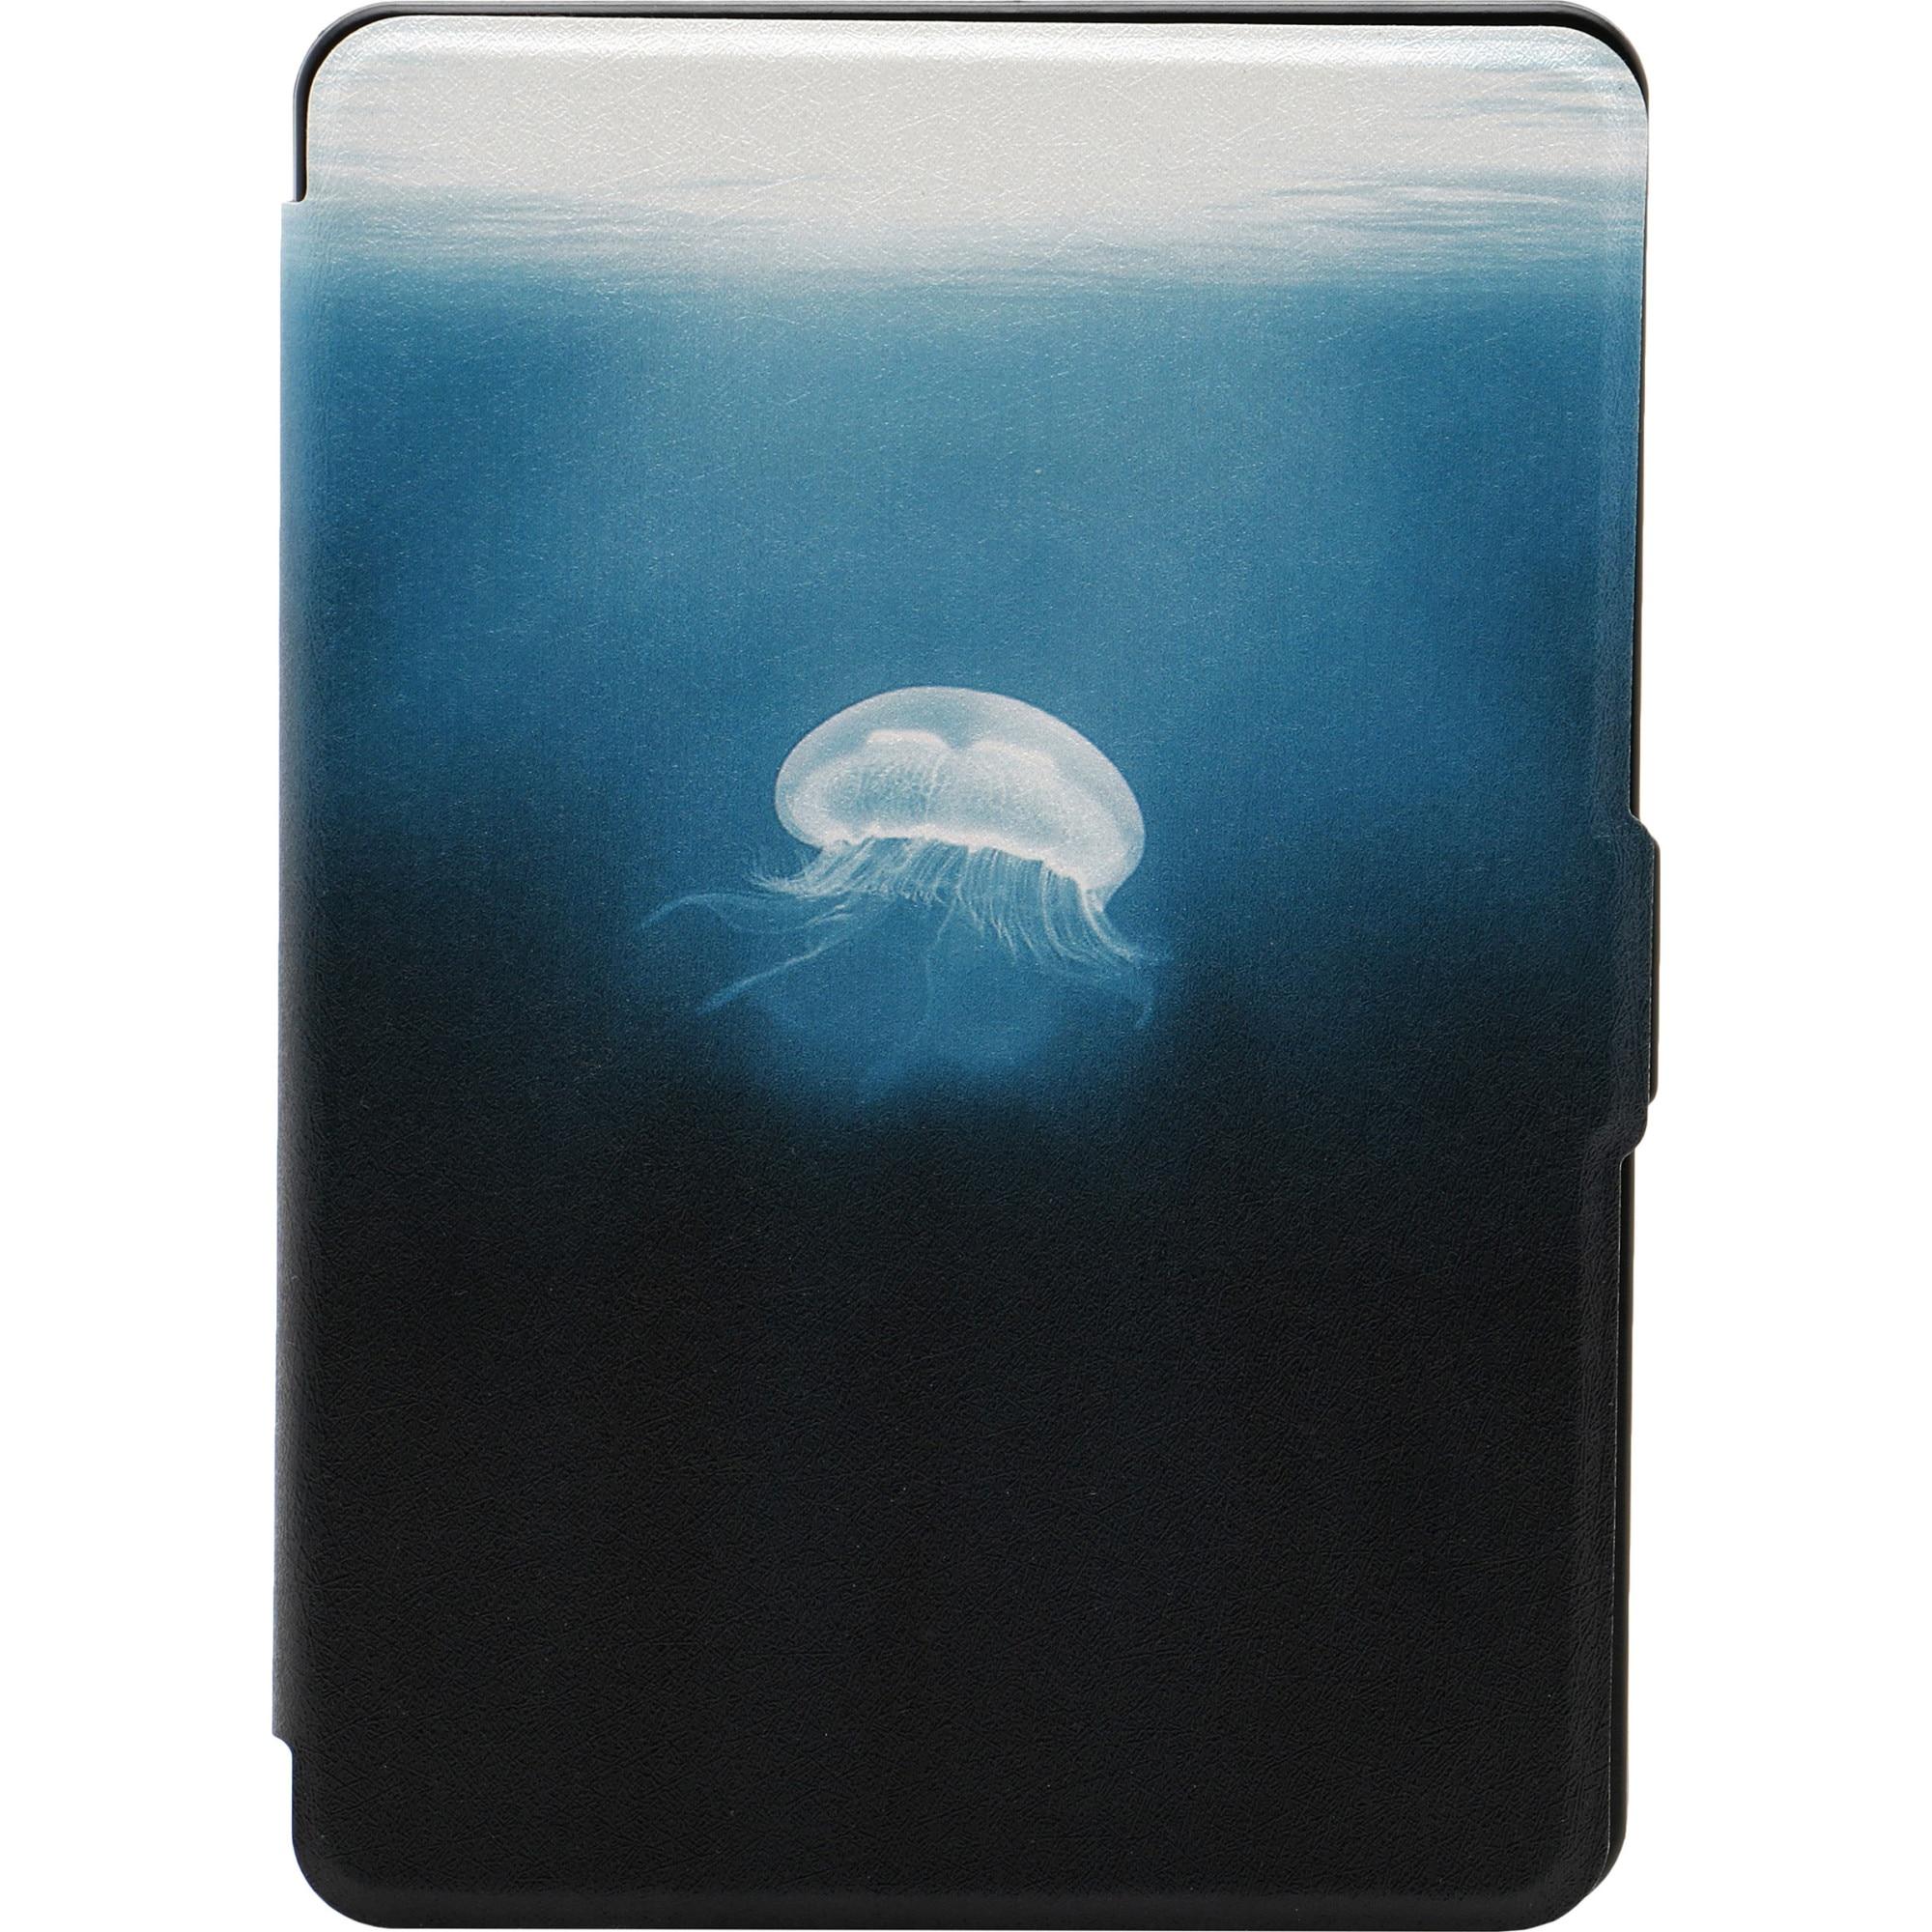 Fotografie Husa de protectie A+ Slim pentru Kindle Paperwhite, (7th Generation), Medusa